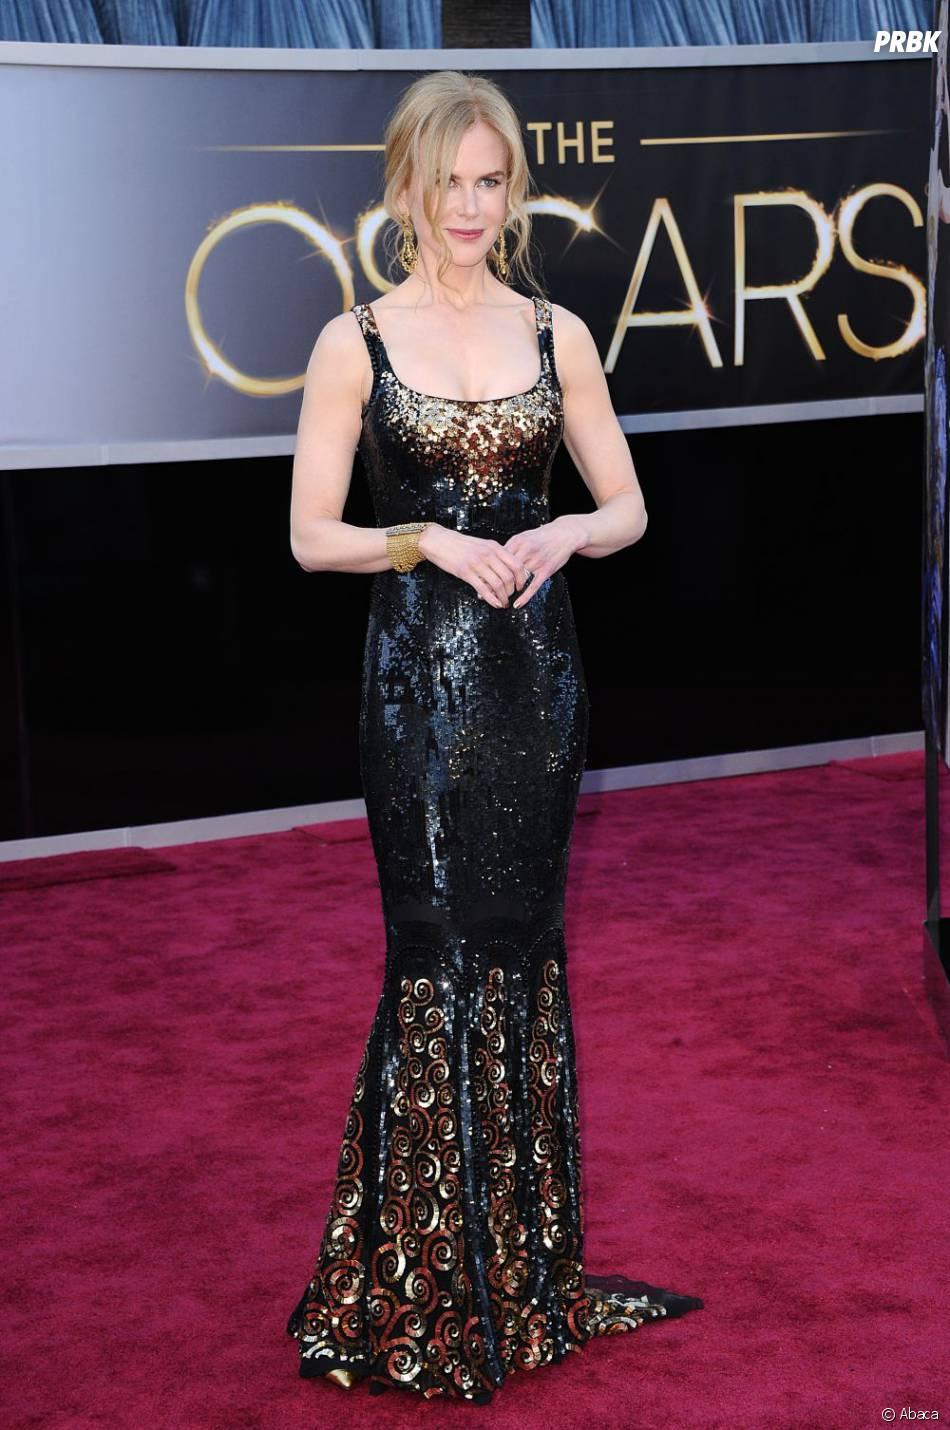 Nicole Kidman a voulu jouer les sirènes et s'est échouée sur le tapis rouge des Oscars 2013 !